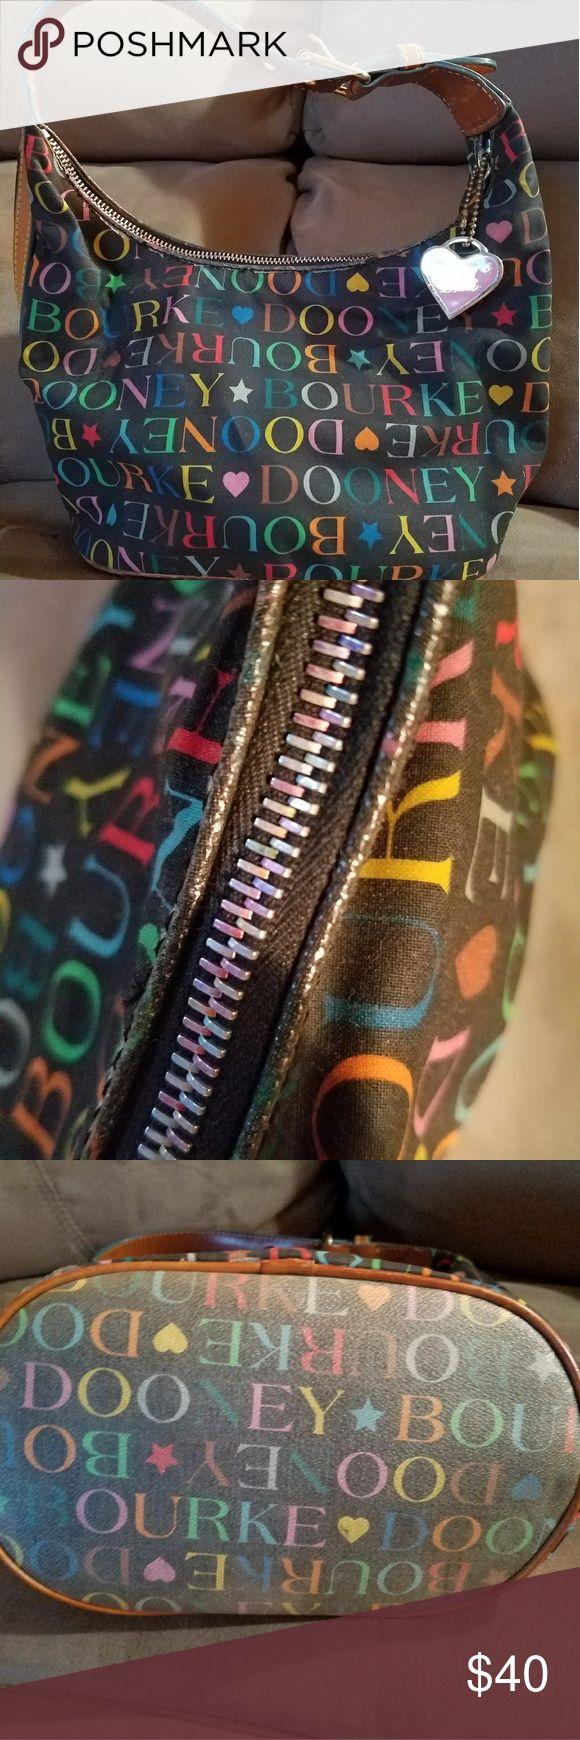 Dooney & Bourke Mini Hearts Graffiti Bag Great Condition! Very little wear Dooney & Bourke Bags Shoulder Bags